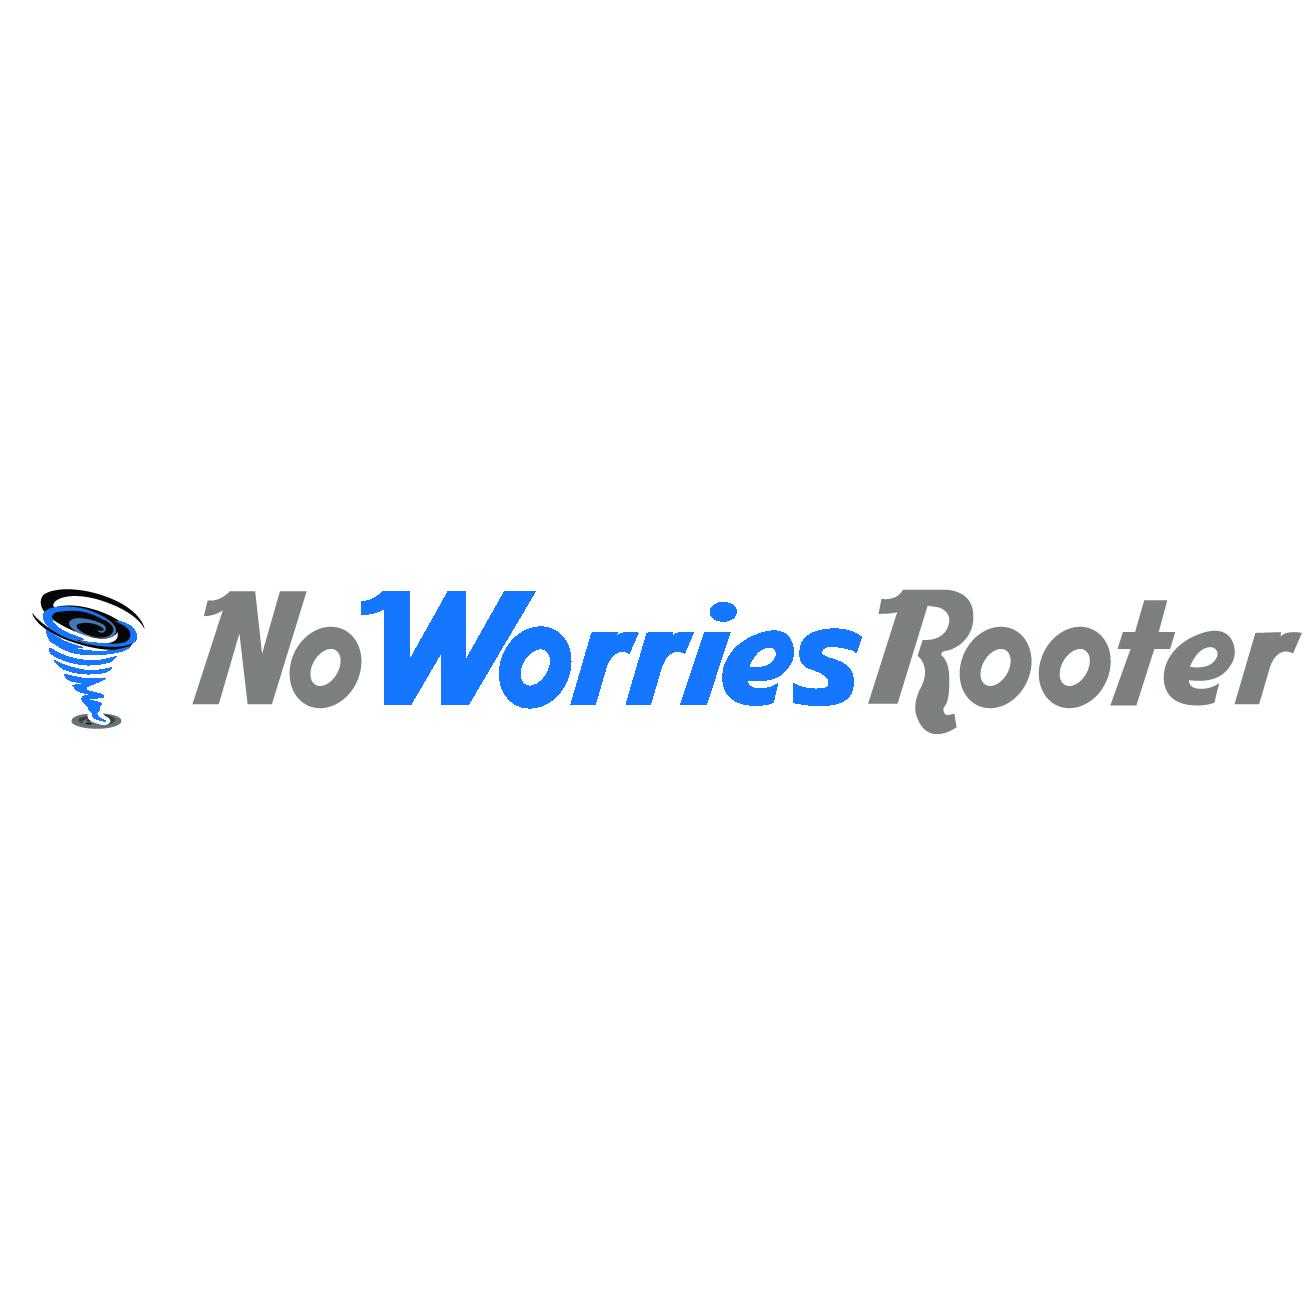 No Worries Rooter